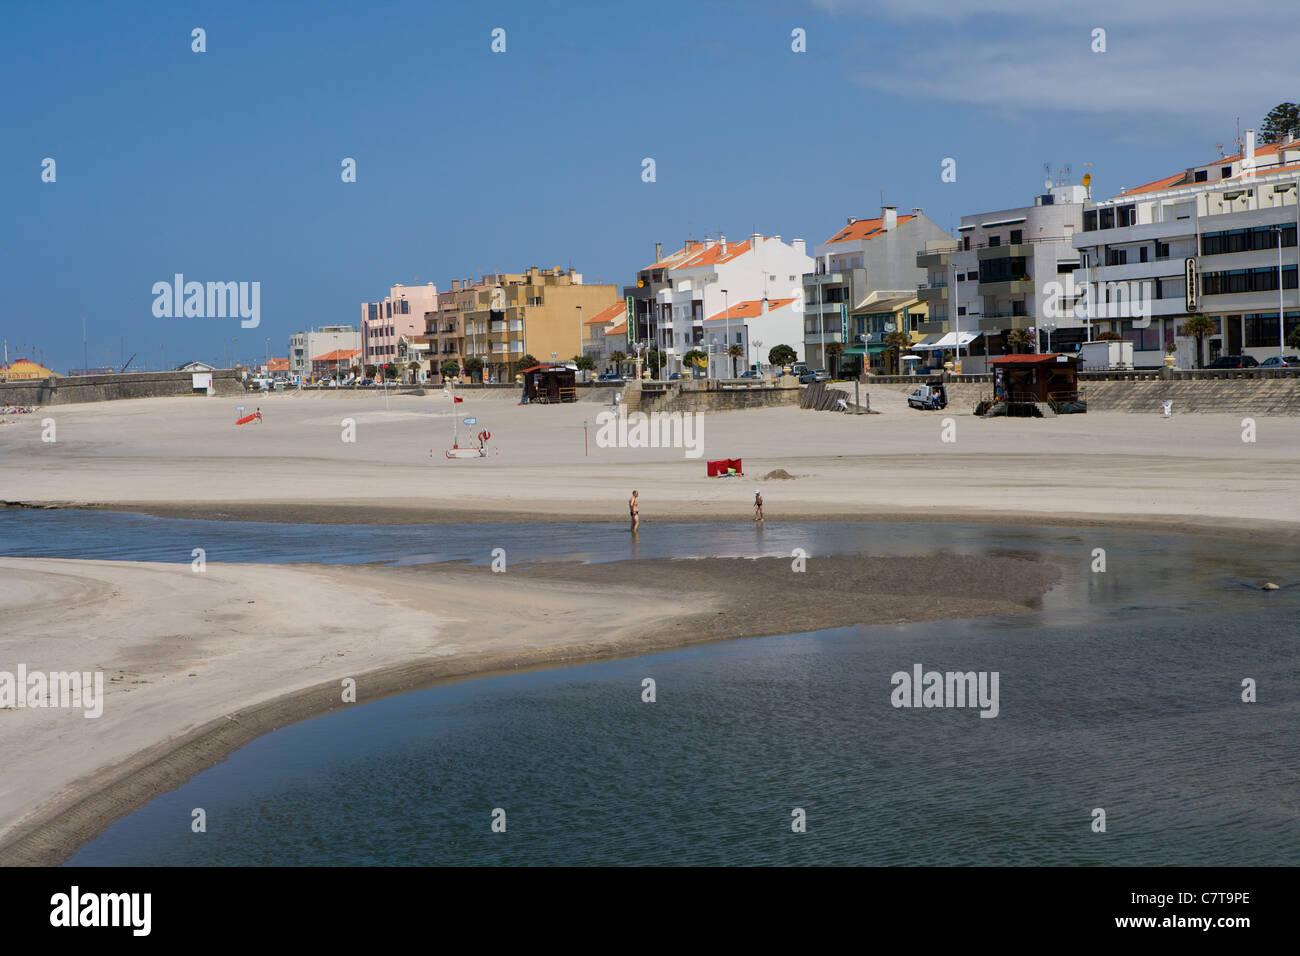 Vila Praia de Ancora beach - Stock Image